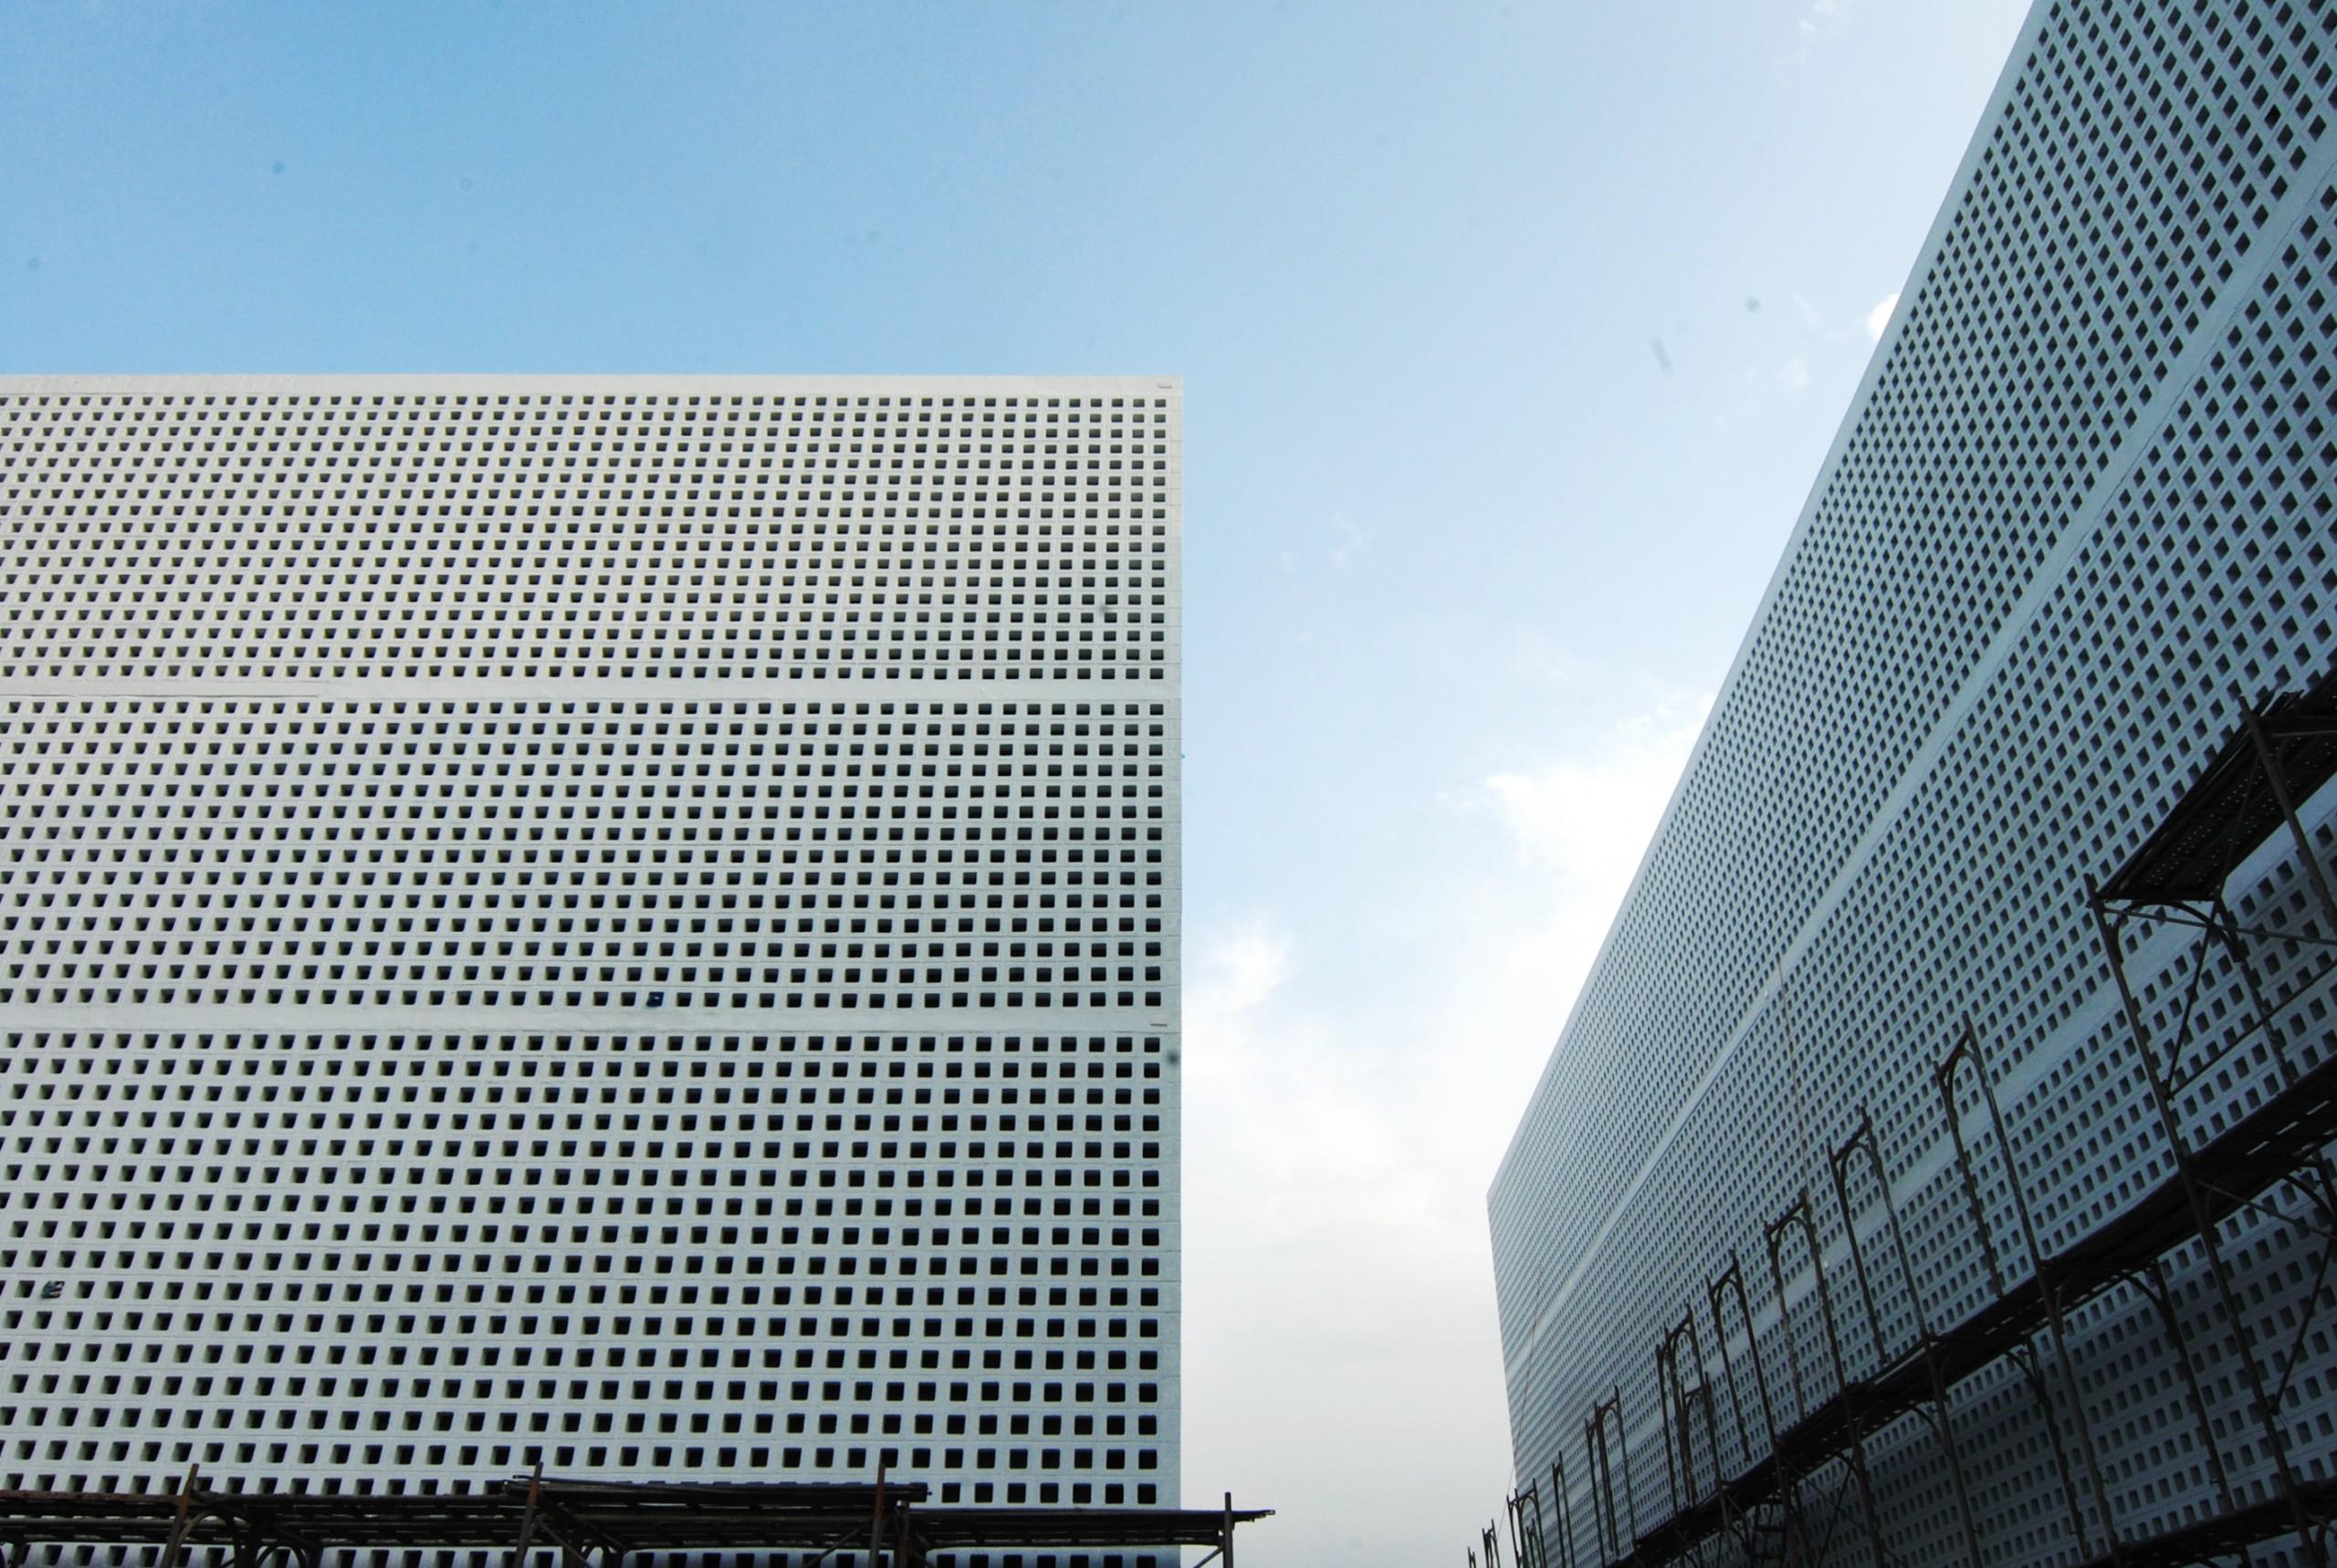 德築-DEZU-project-Zutian-architecture-real-estate-engineering-4